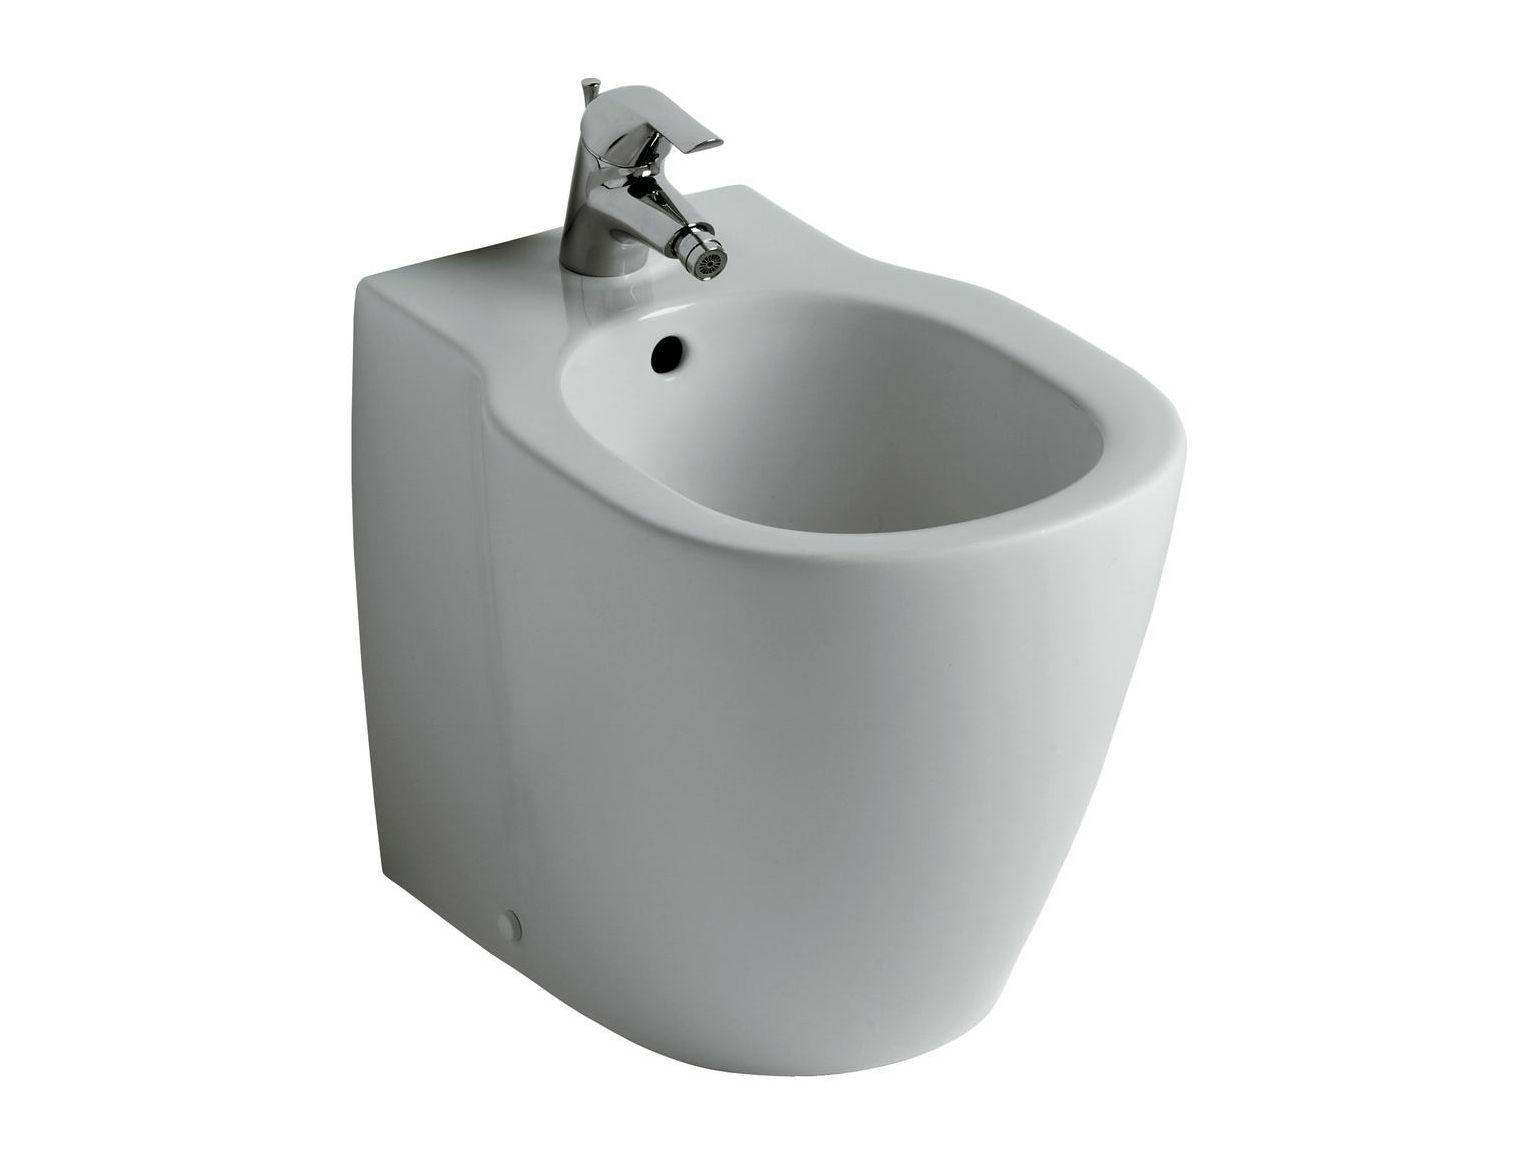 Bidet monoforo a terra filo parete connect e7995 by ideal standard italia - Sanitari filo parete prezzi ...